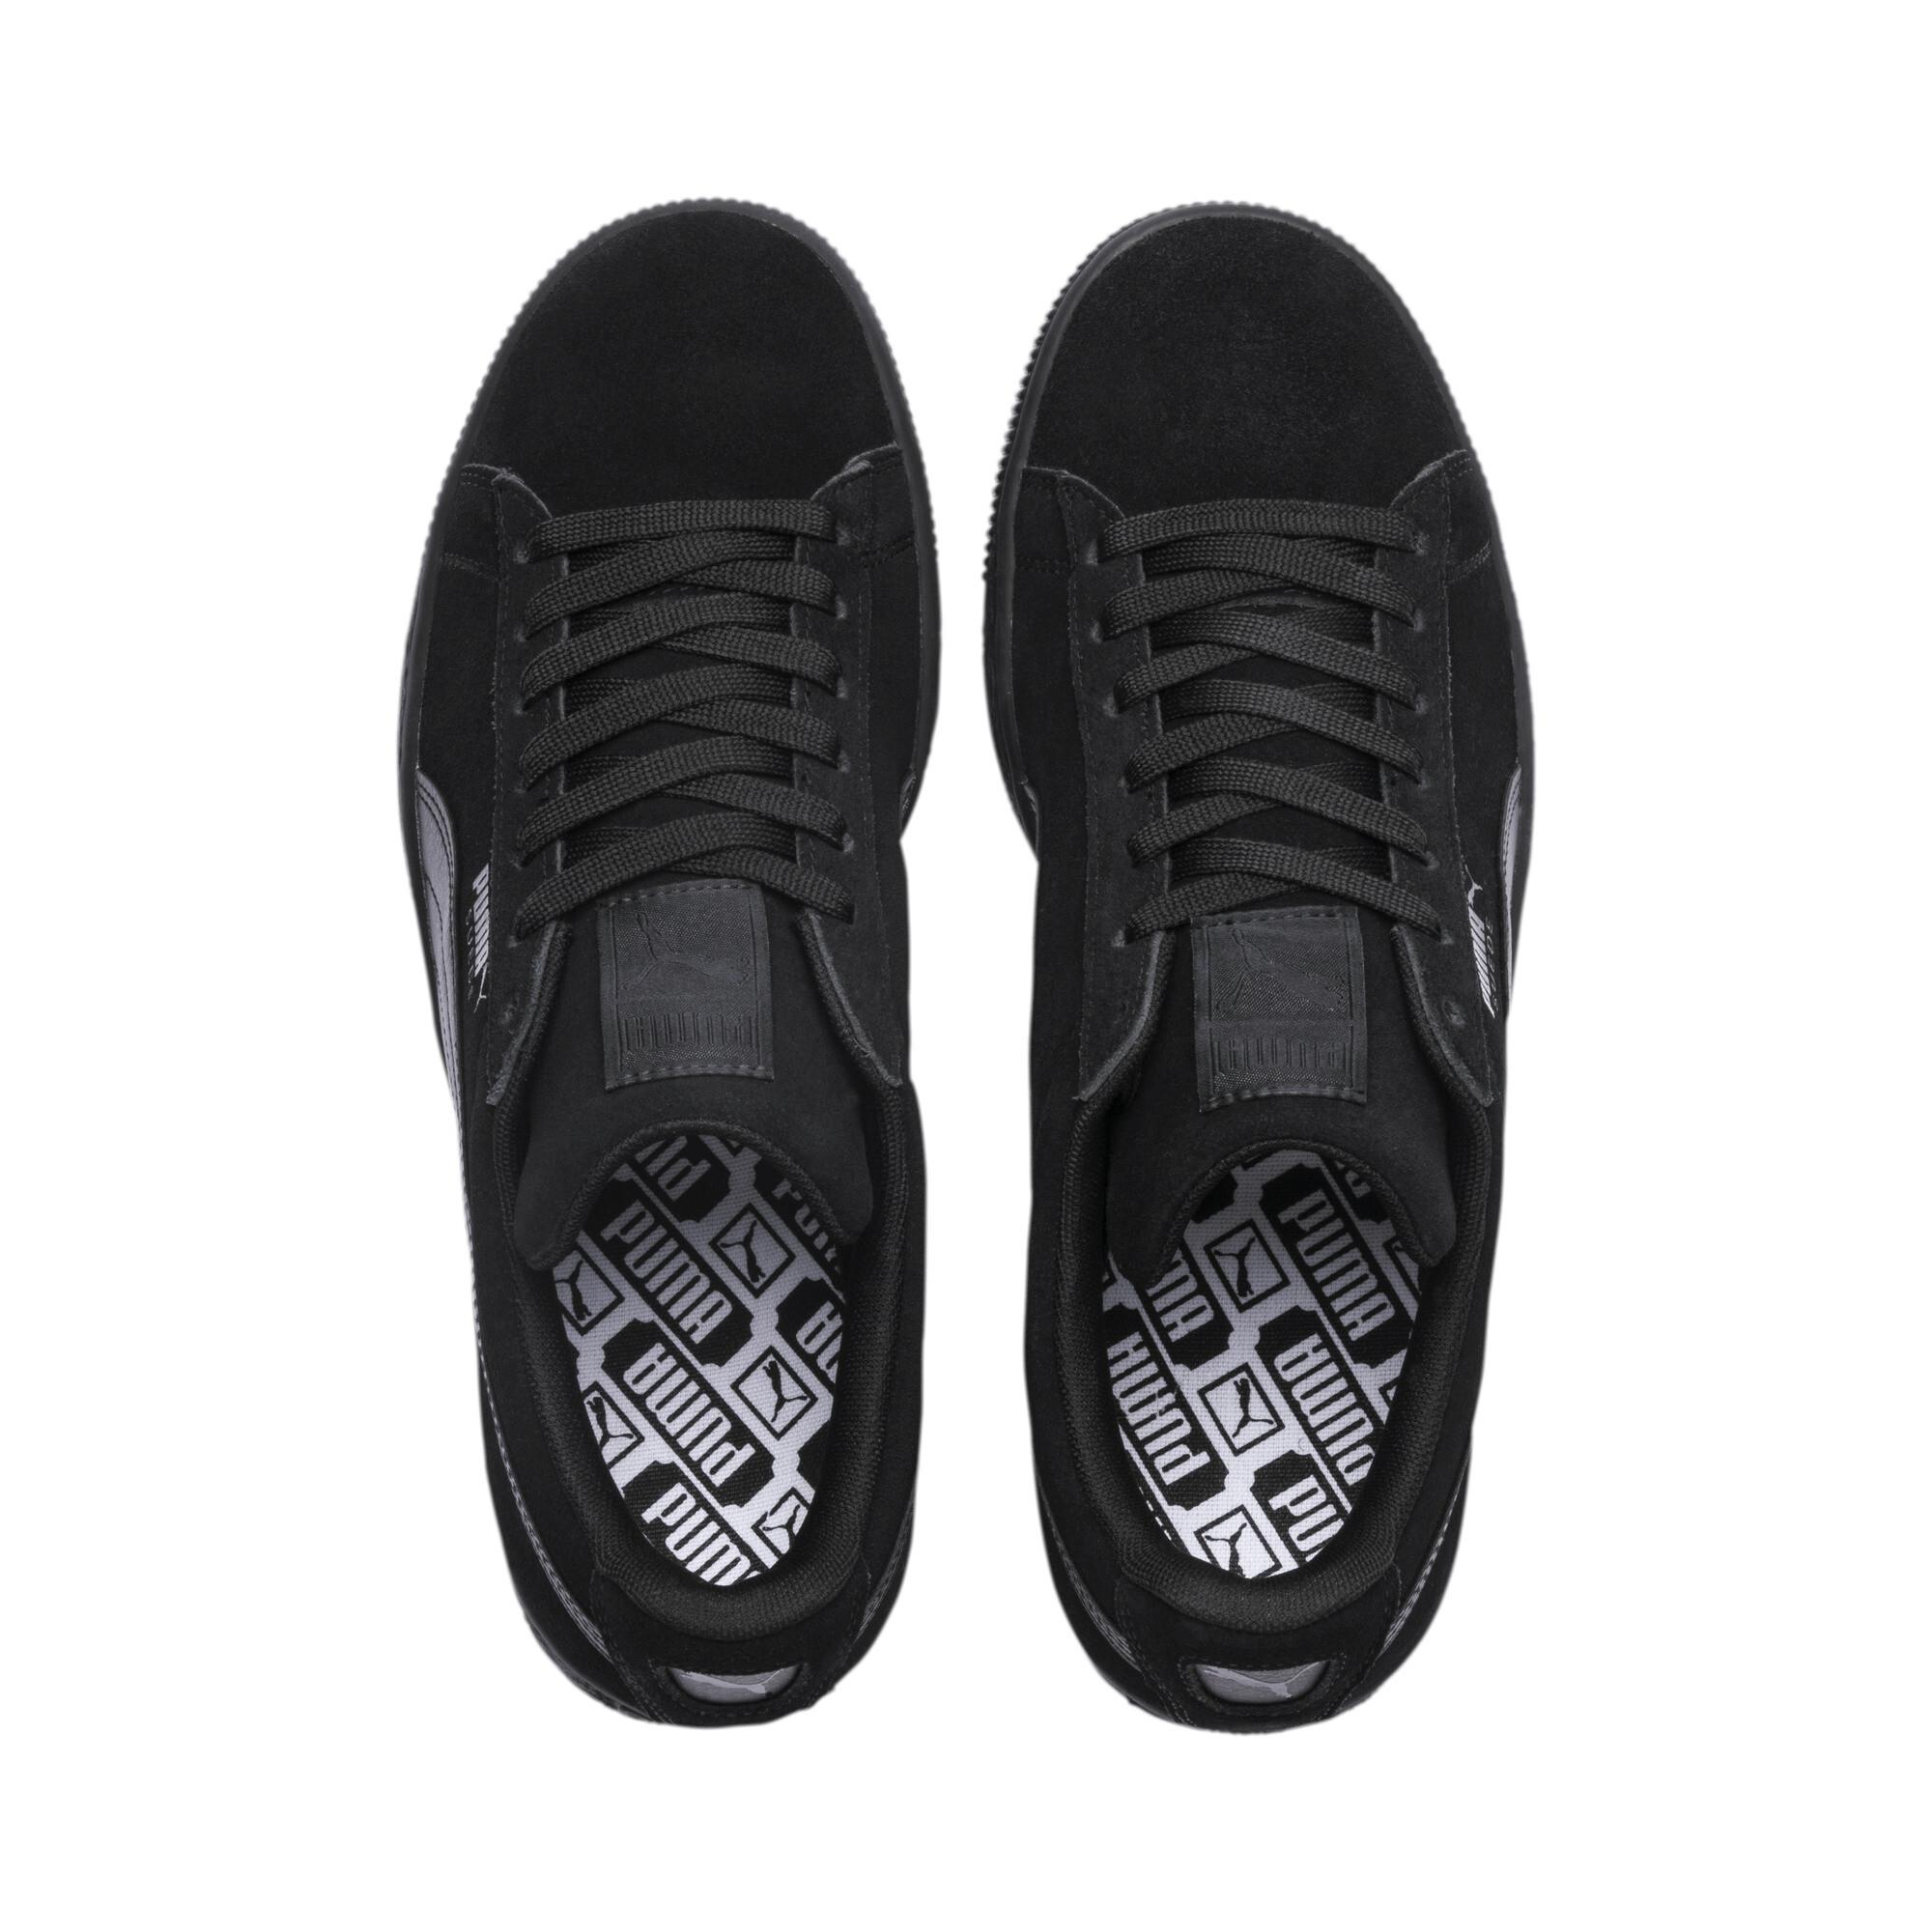 PUMA-Suede-Classic-LFS-Men-039-s-Sneakers-Men-Shoe-Casual-Shoe thumbnail 7